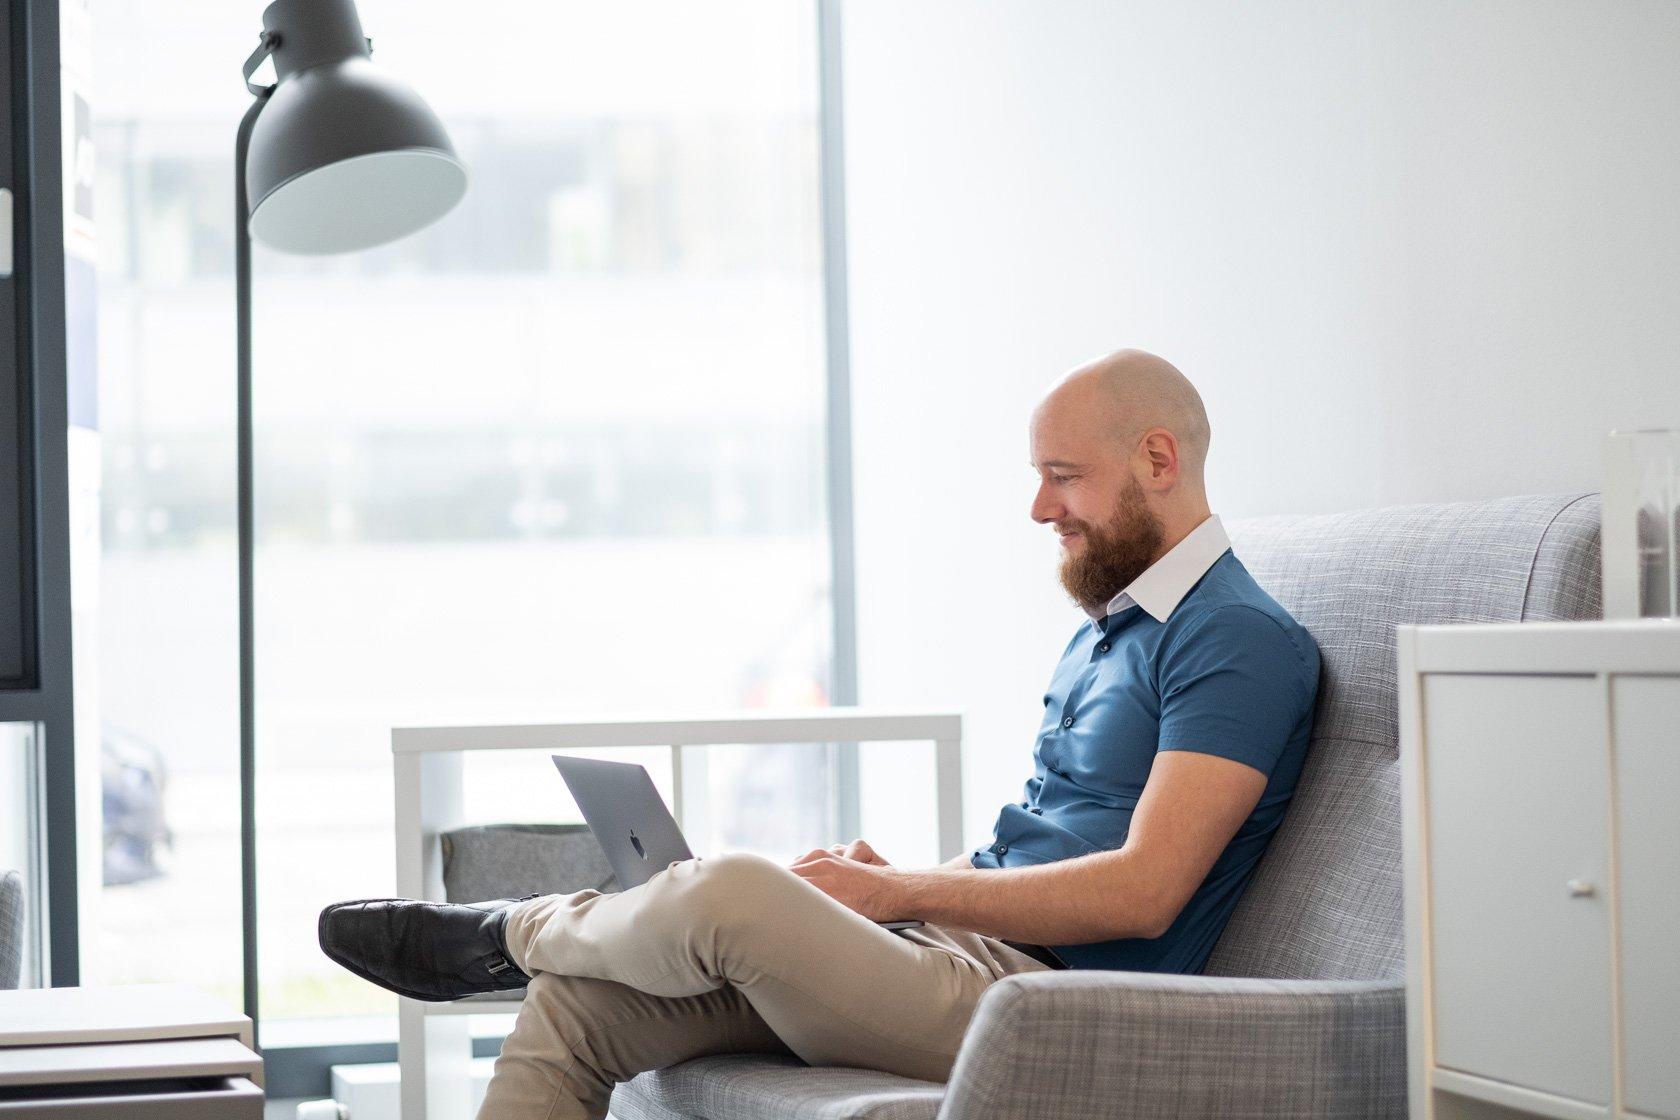 Mann arbeitet am MacBook von zu Hause